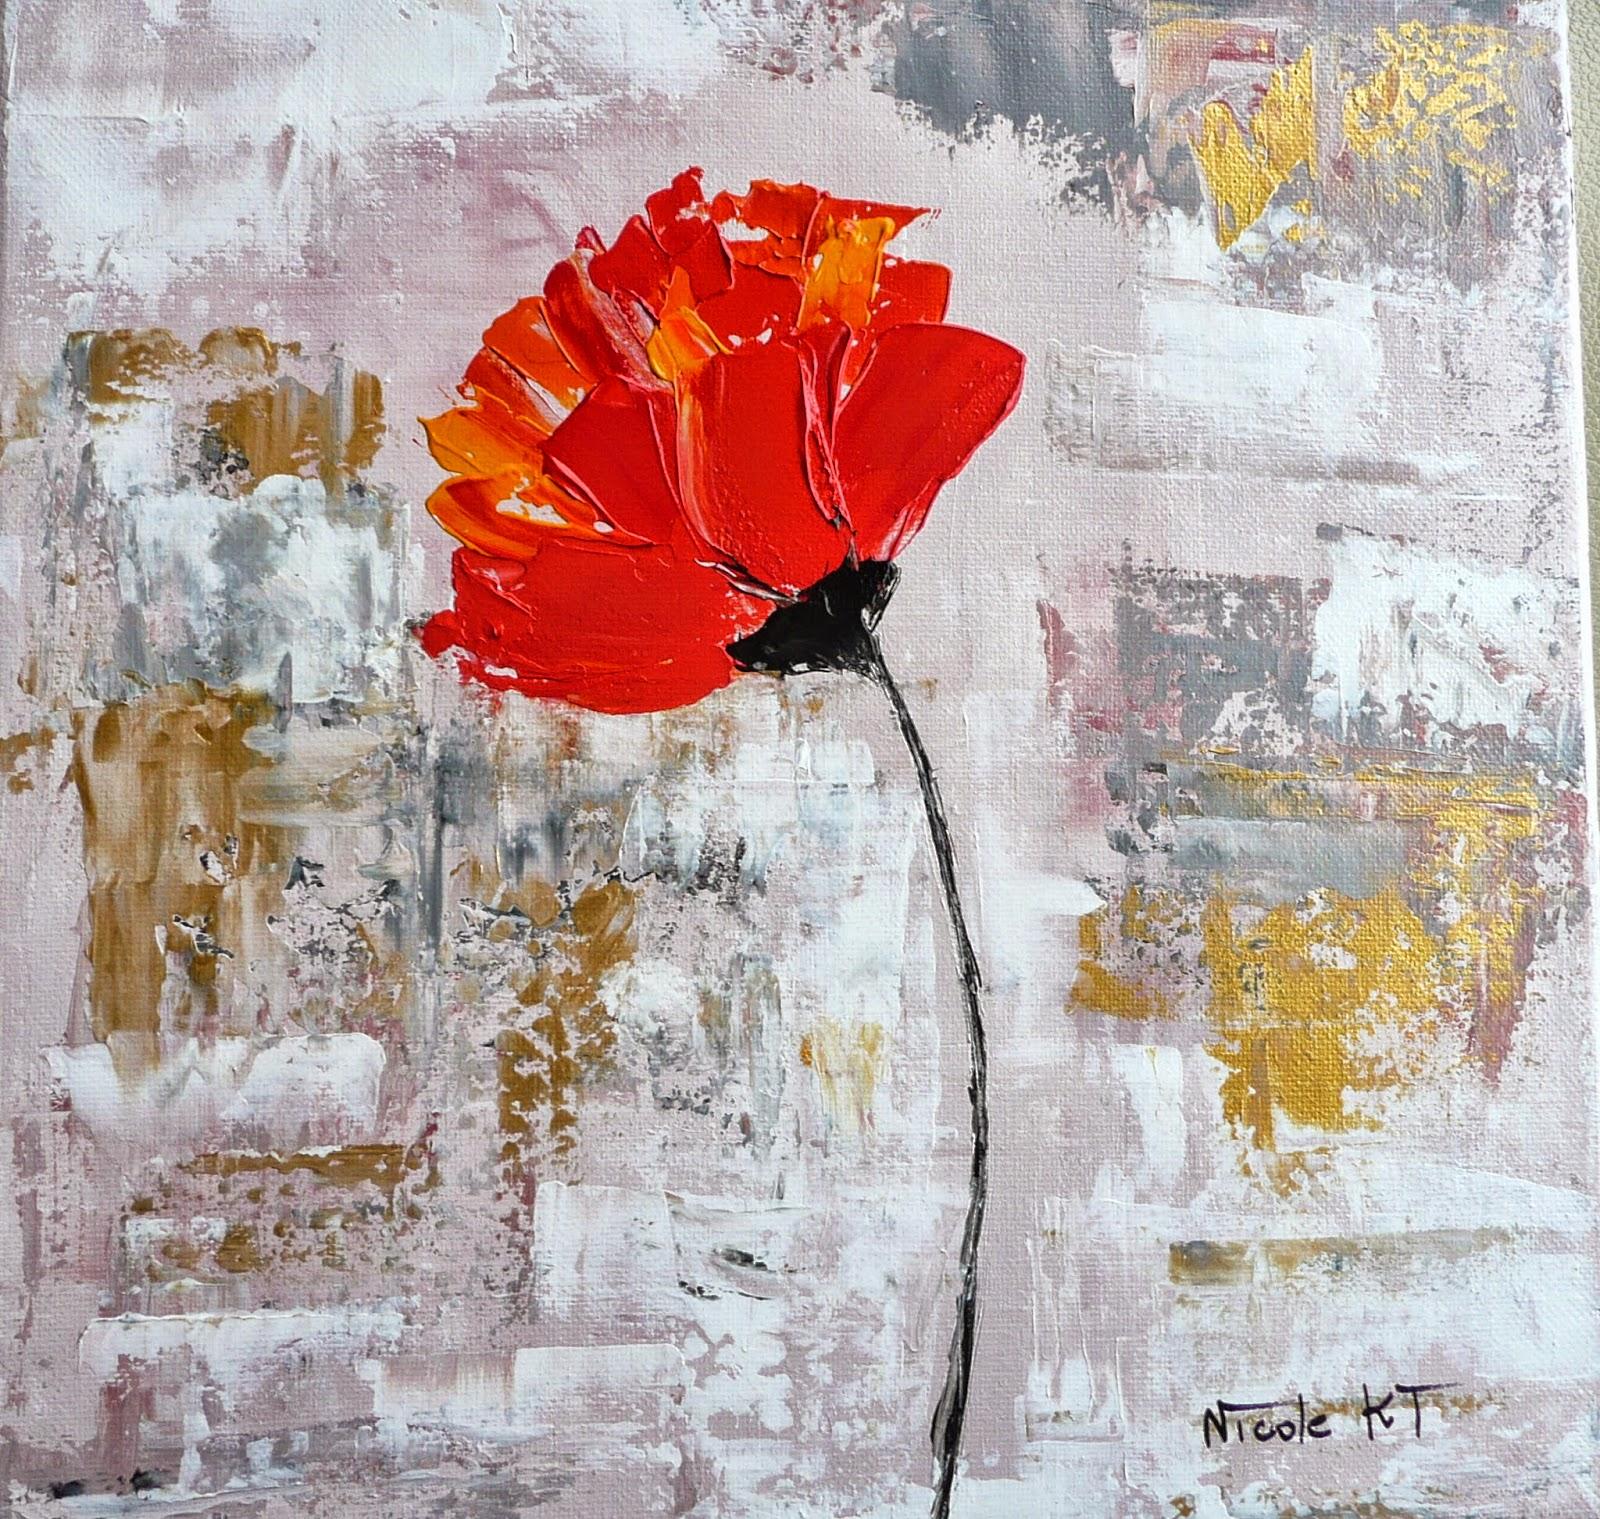 Nicole catt artiste peintre - Peindre sur peinture acrylique ...